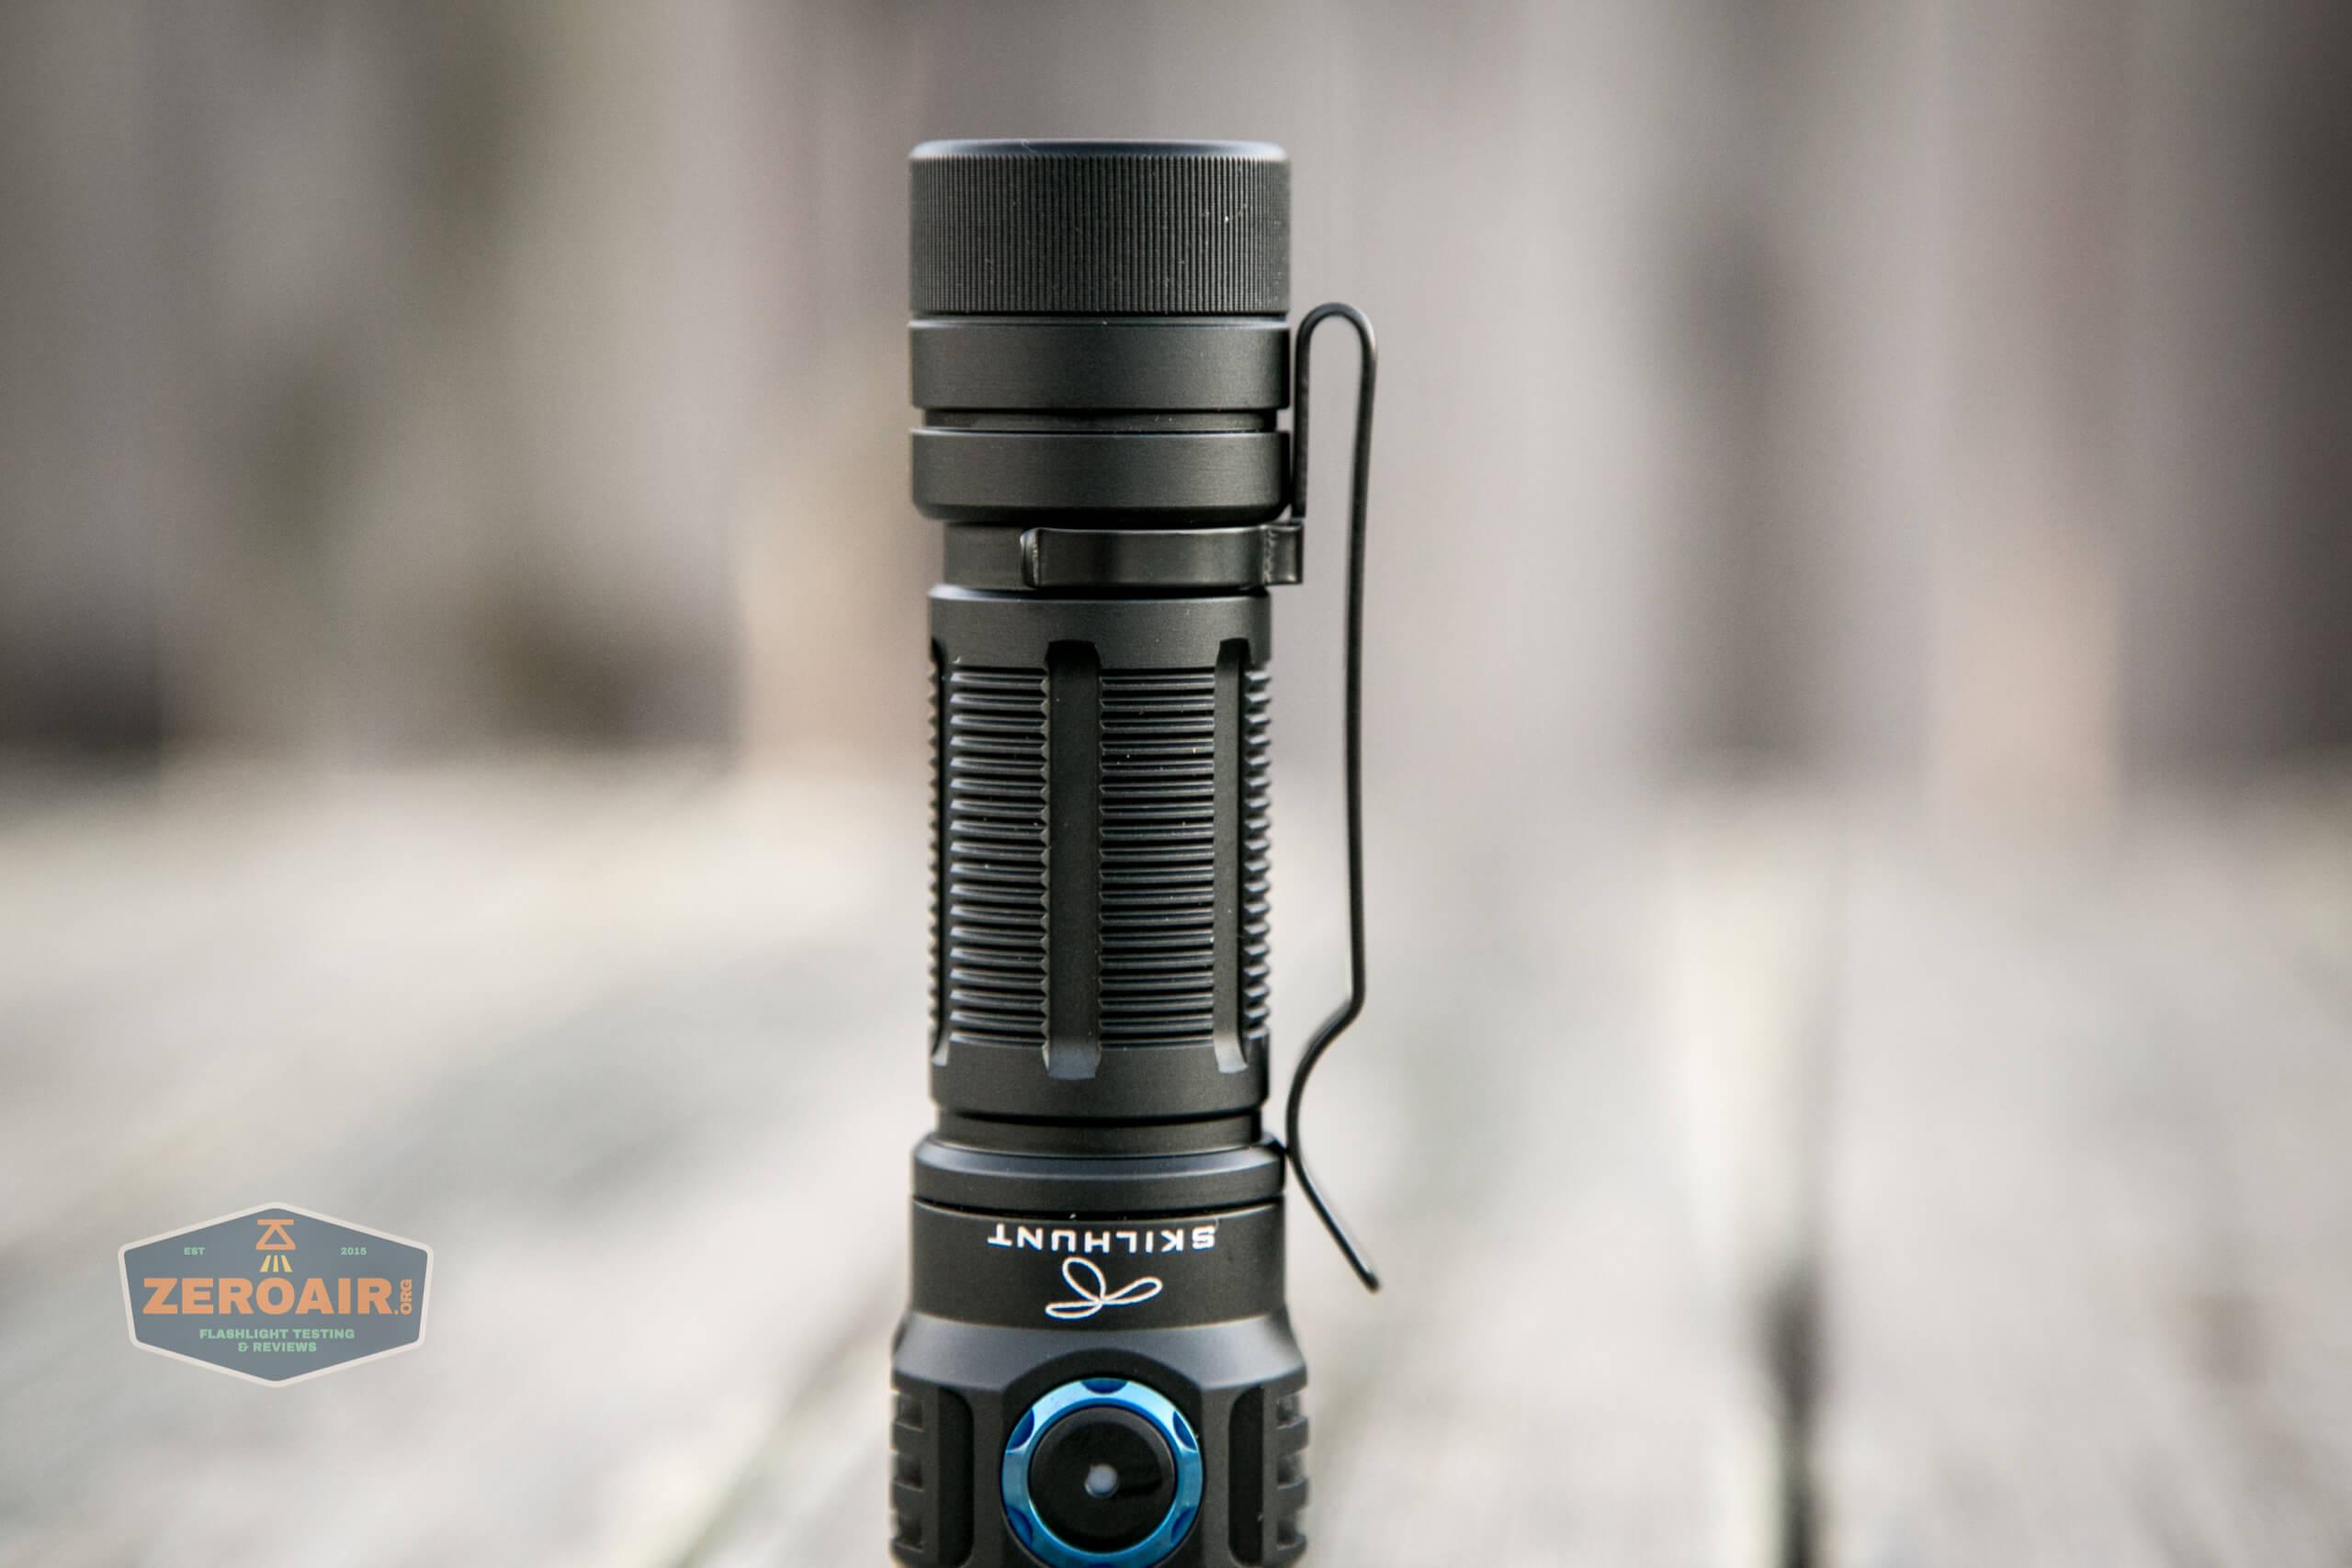 skilhunt m300 18650 flashlight pocket clip